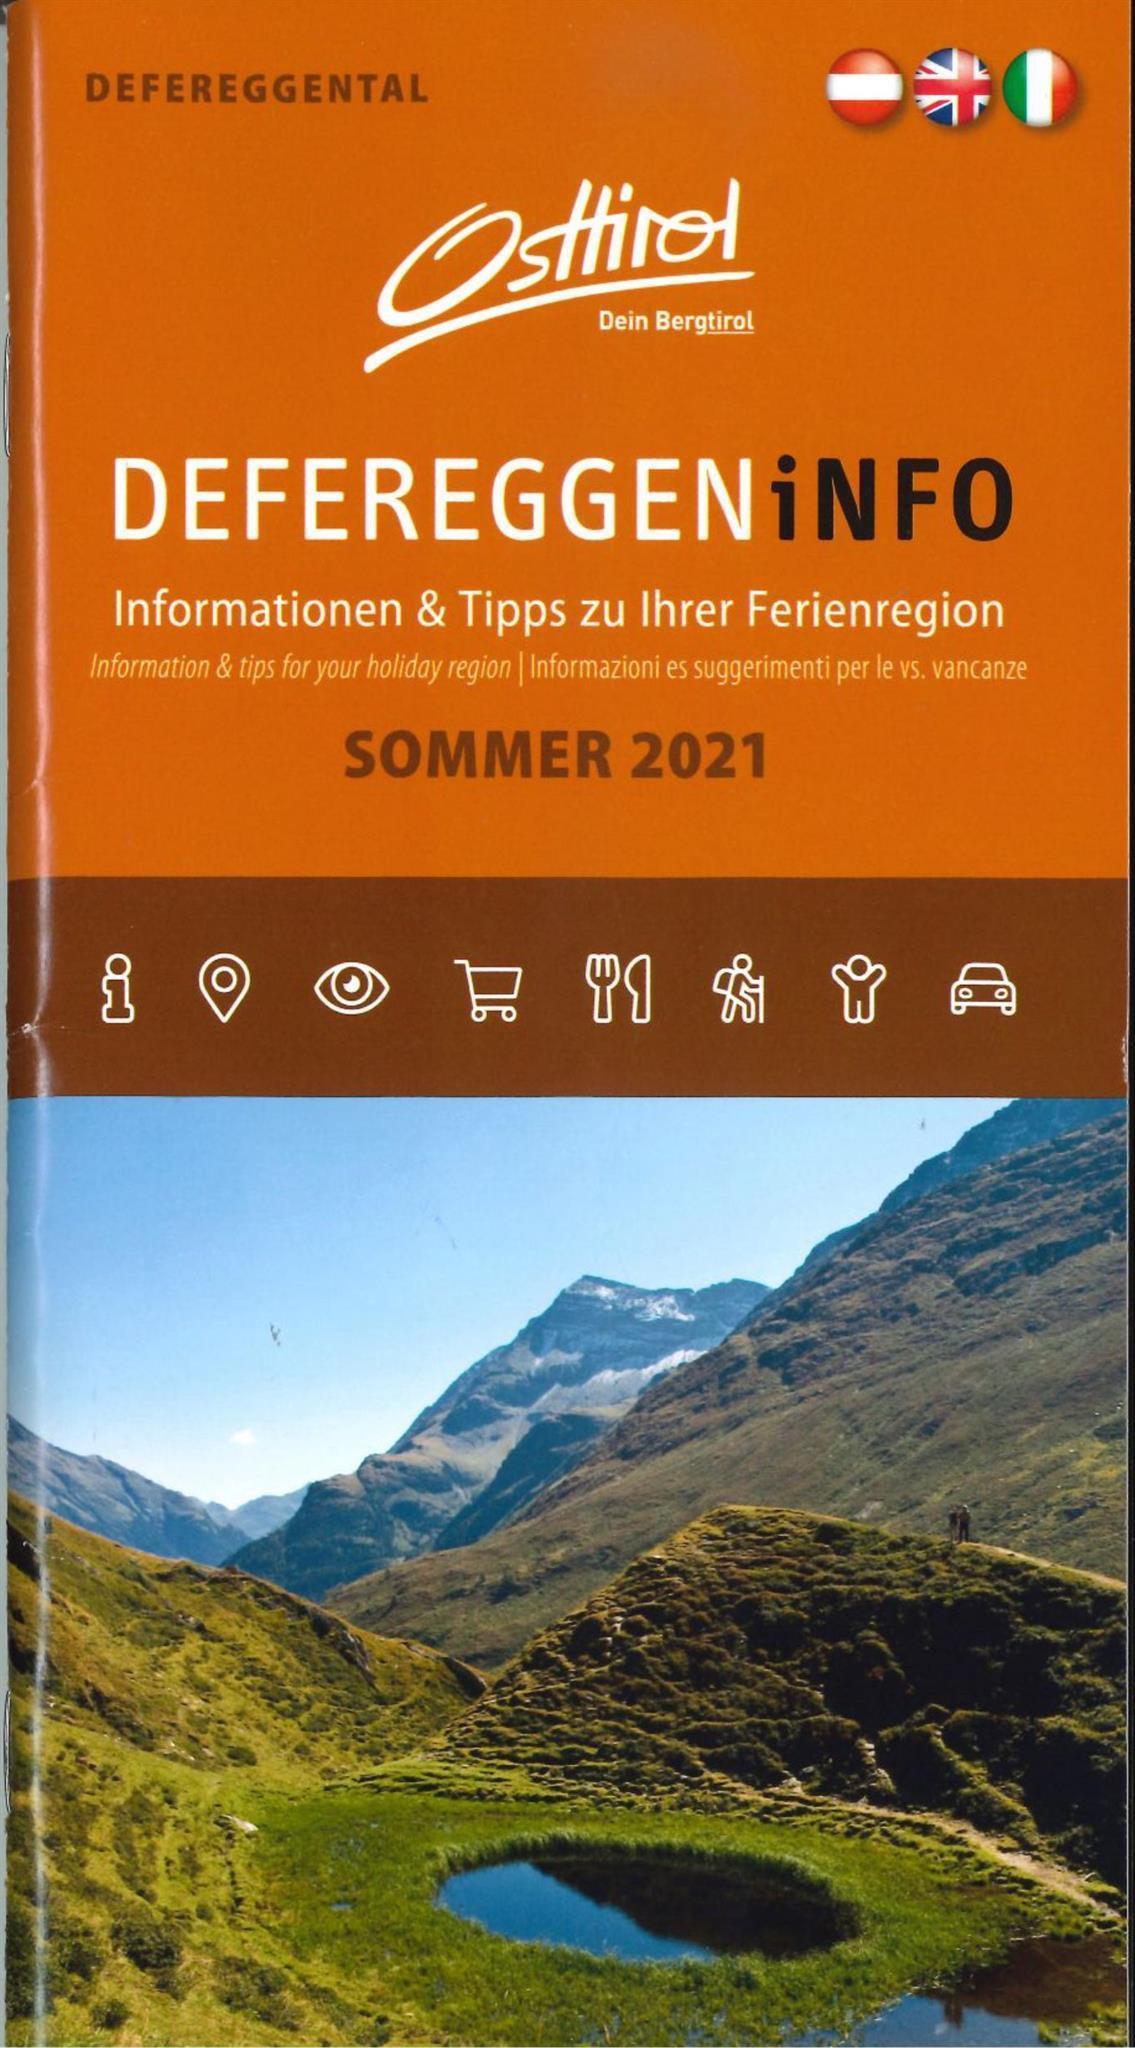 Defereggeninfo-Sommer-2021.jpg